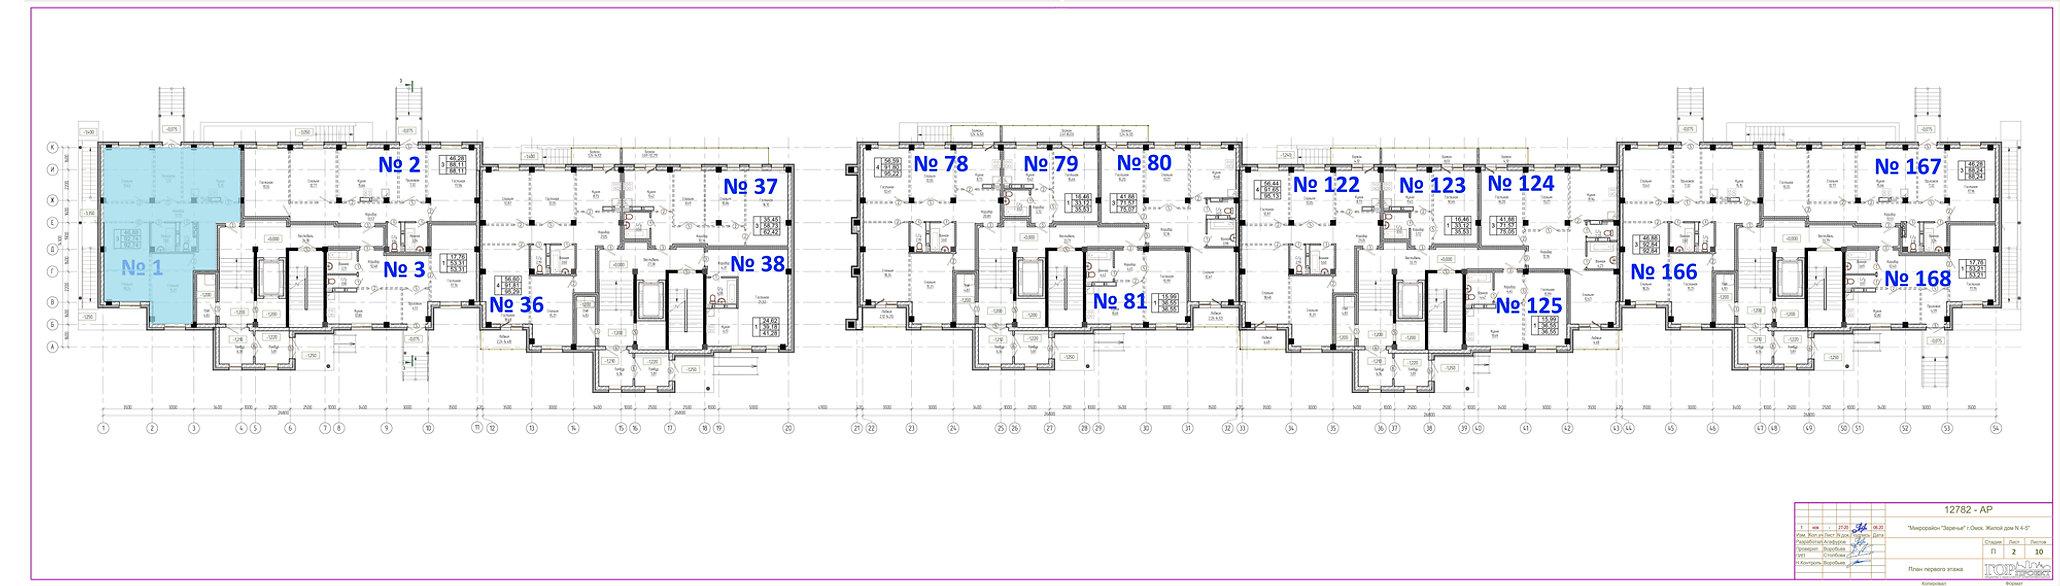 1 этаж кв 1.jpg